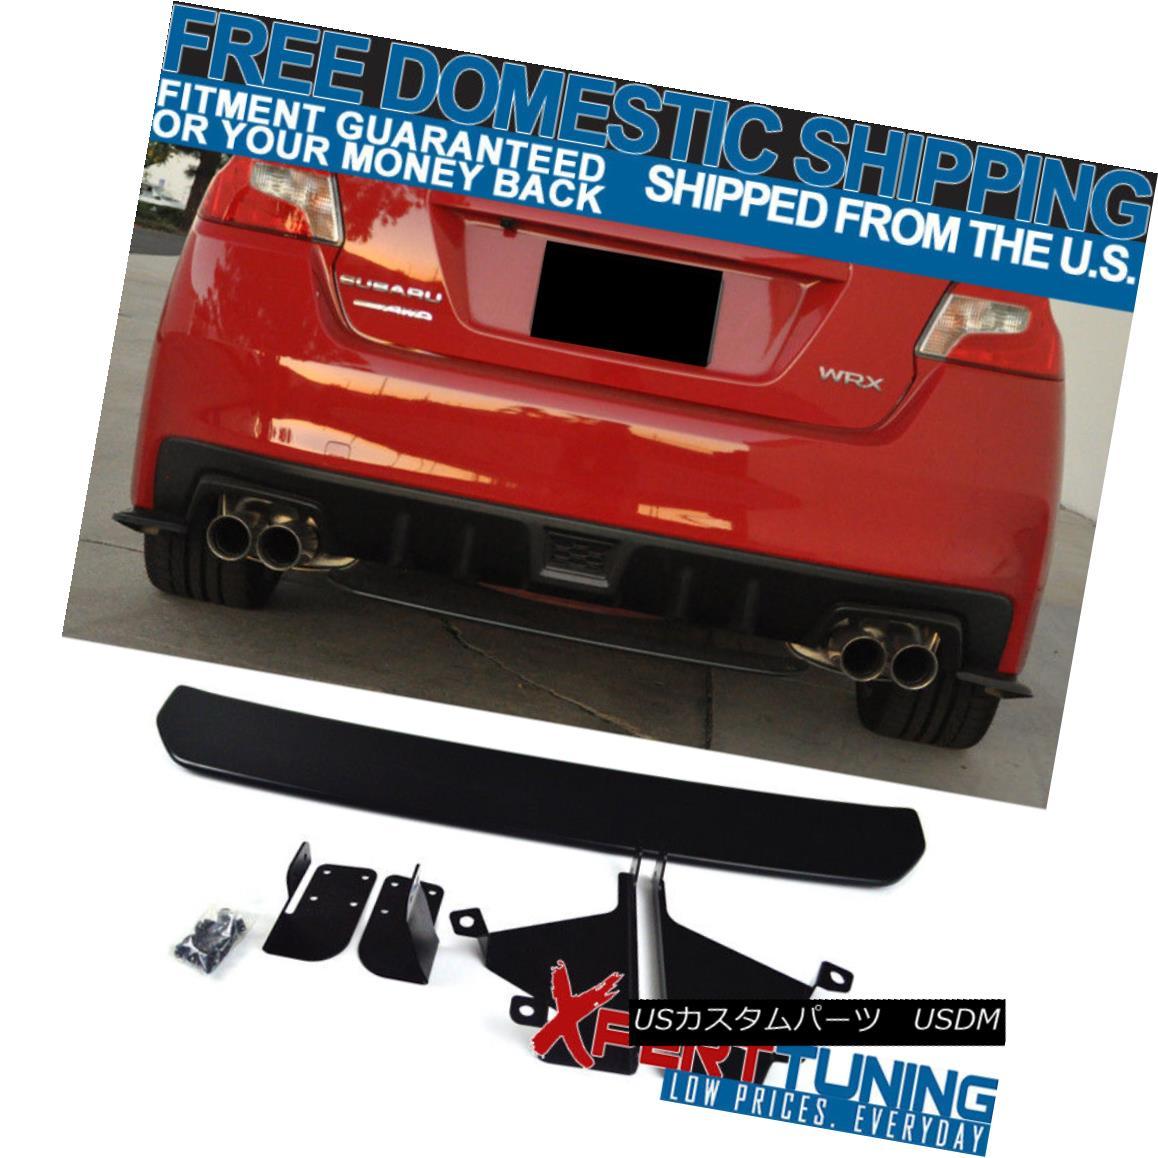 エアロパーツ Fit For 15-18 Subaru WRX 4Dr OE STI Style Unpainted Black Rear Diffuser Lip ABS 15-18スバルWRX 4Dr OE STIスタイル未塗装ブラックリアディフューザリップABS